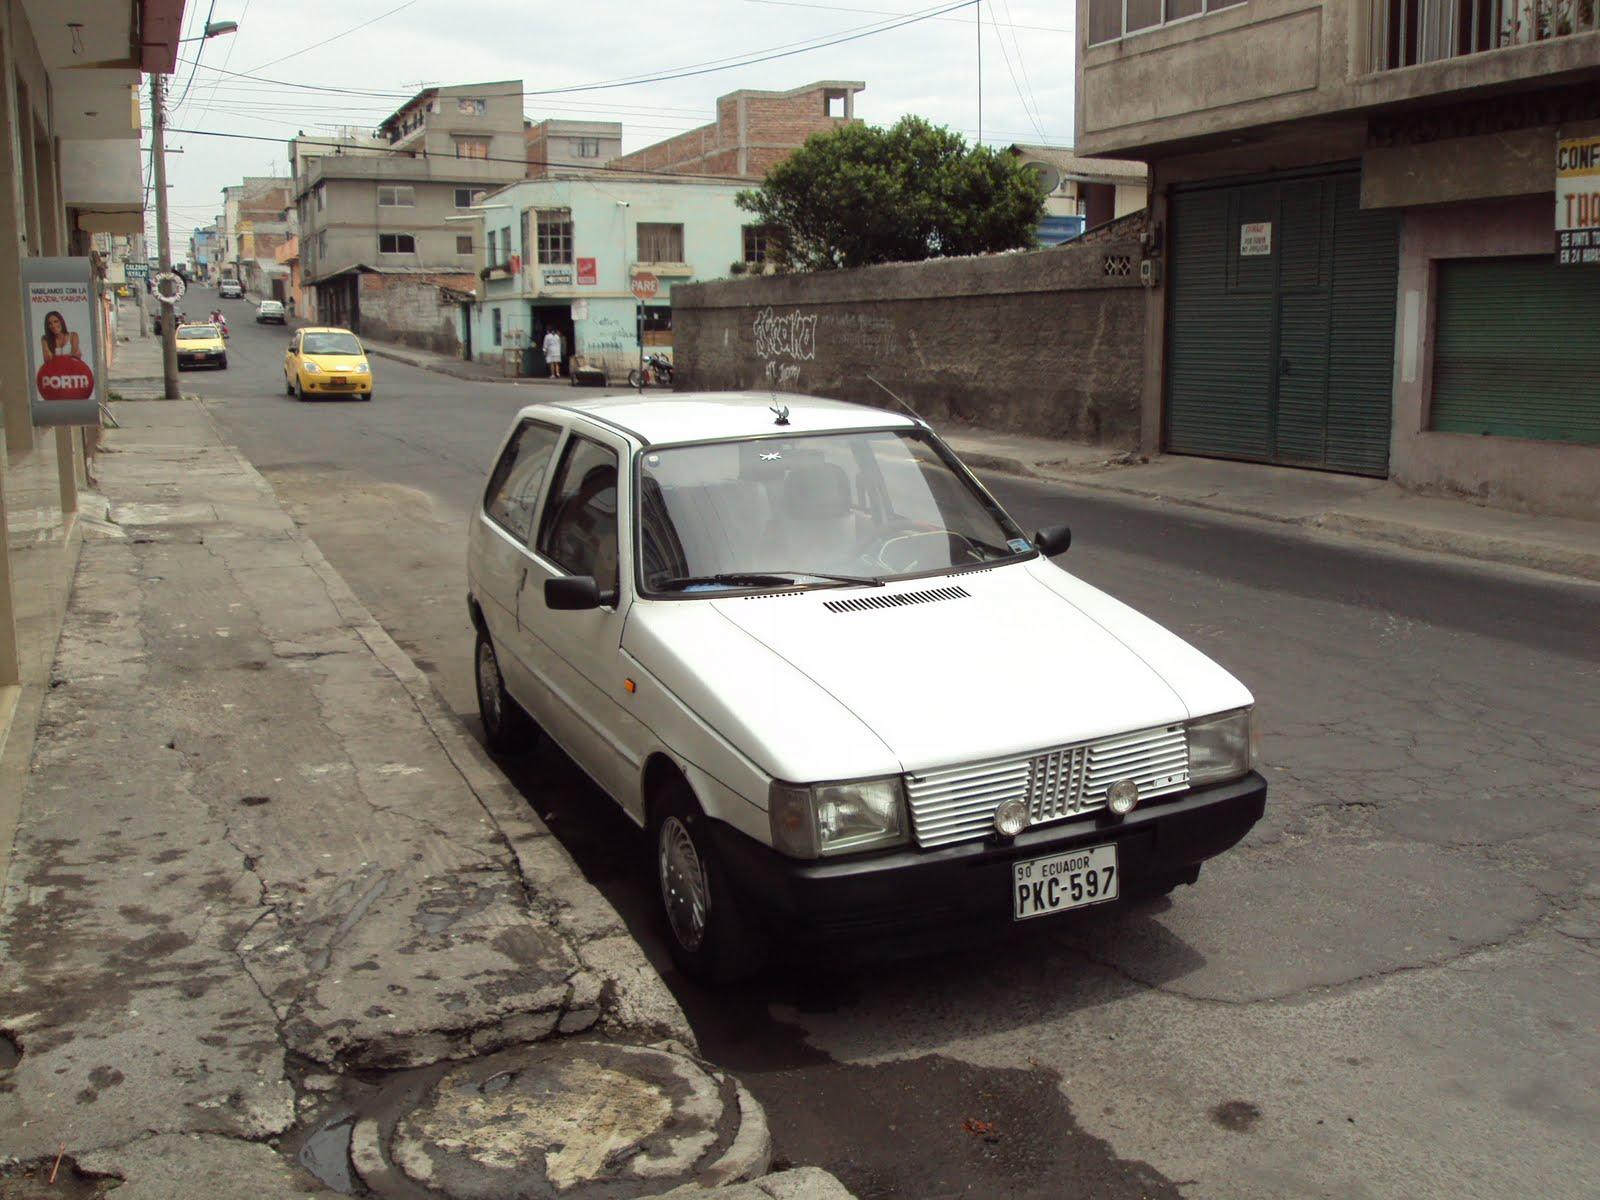 Carros Usados Medellin Compra Y Venta De Vehiculos Usados